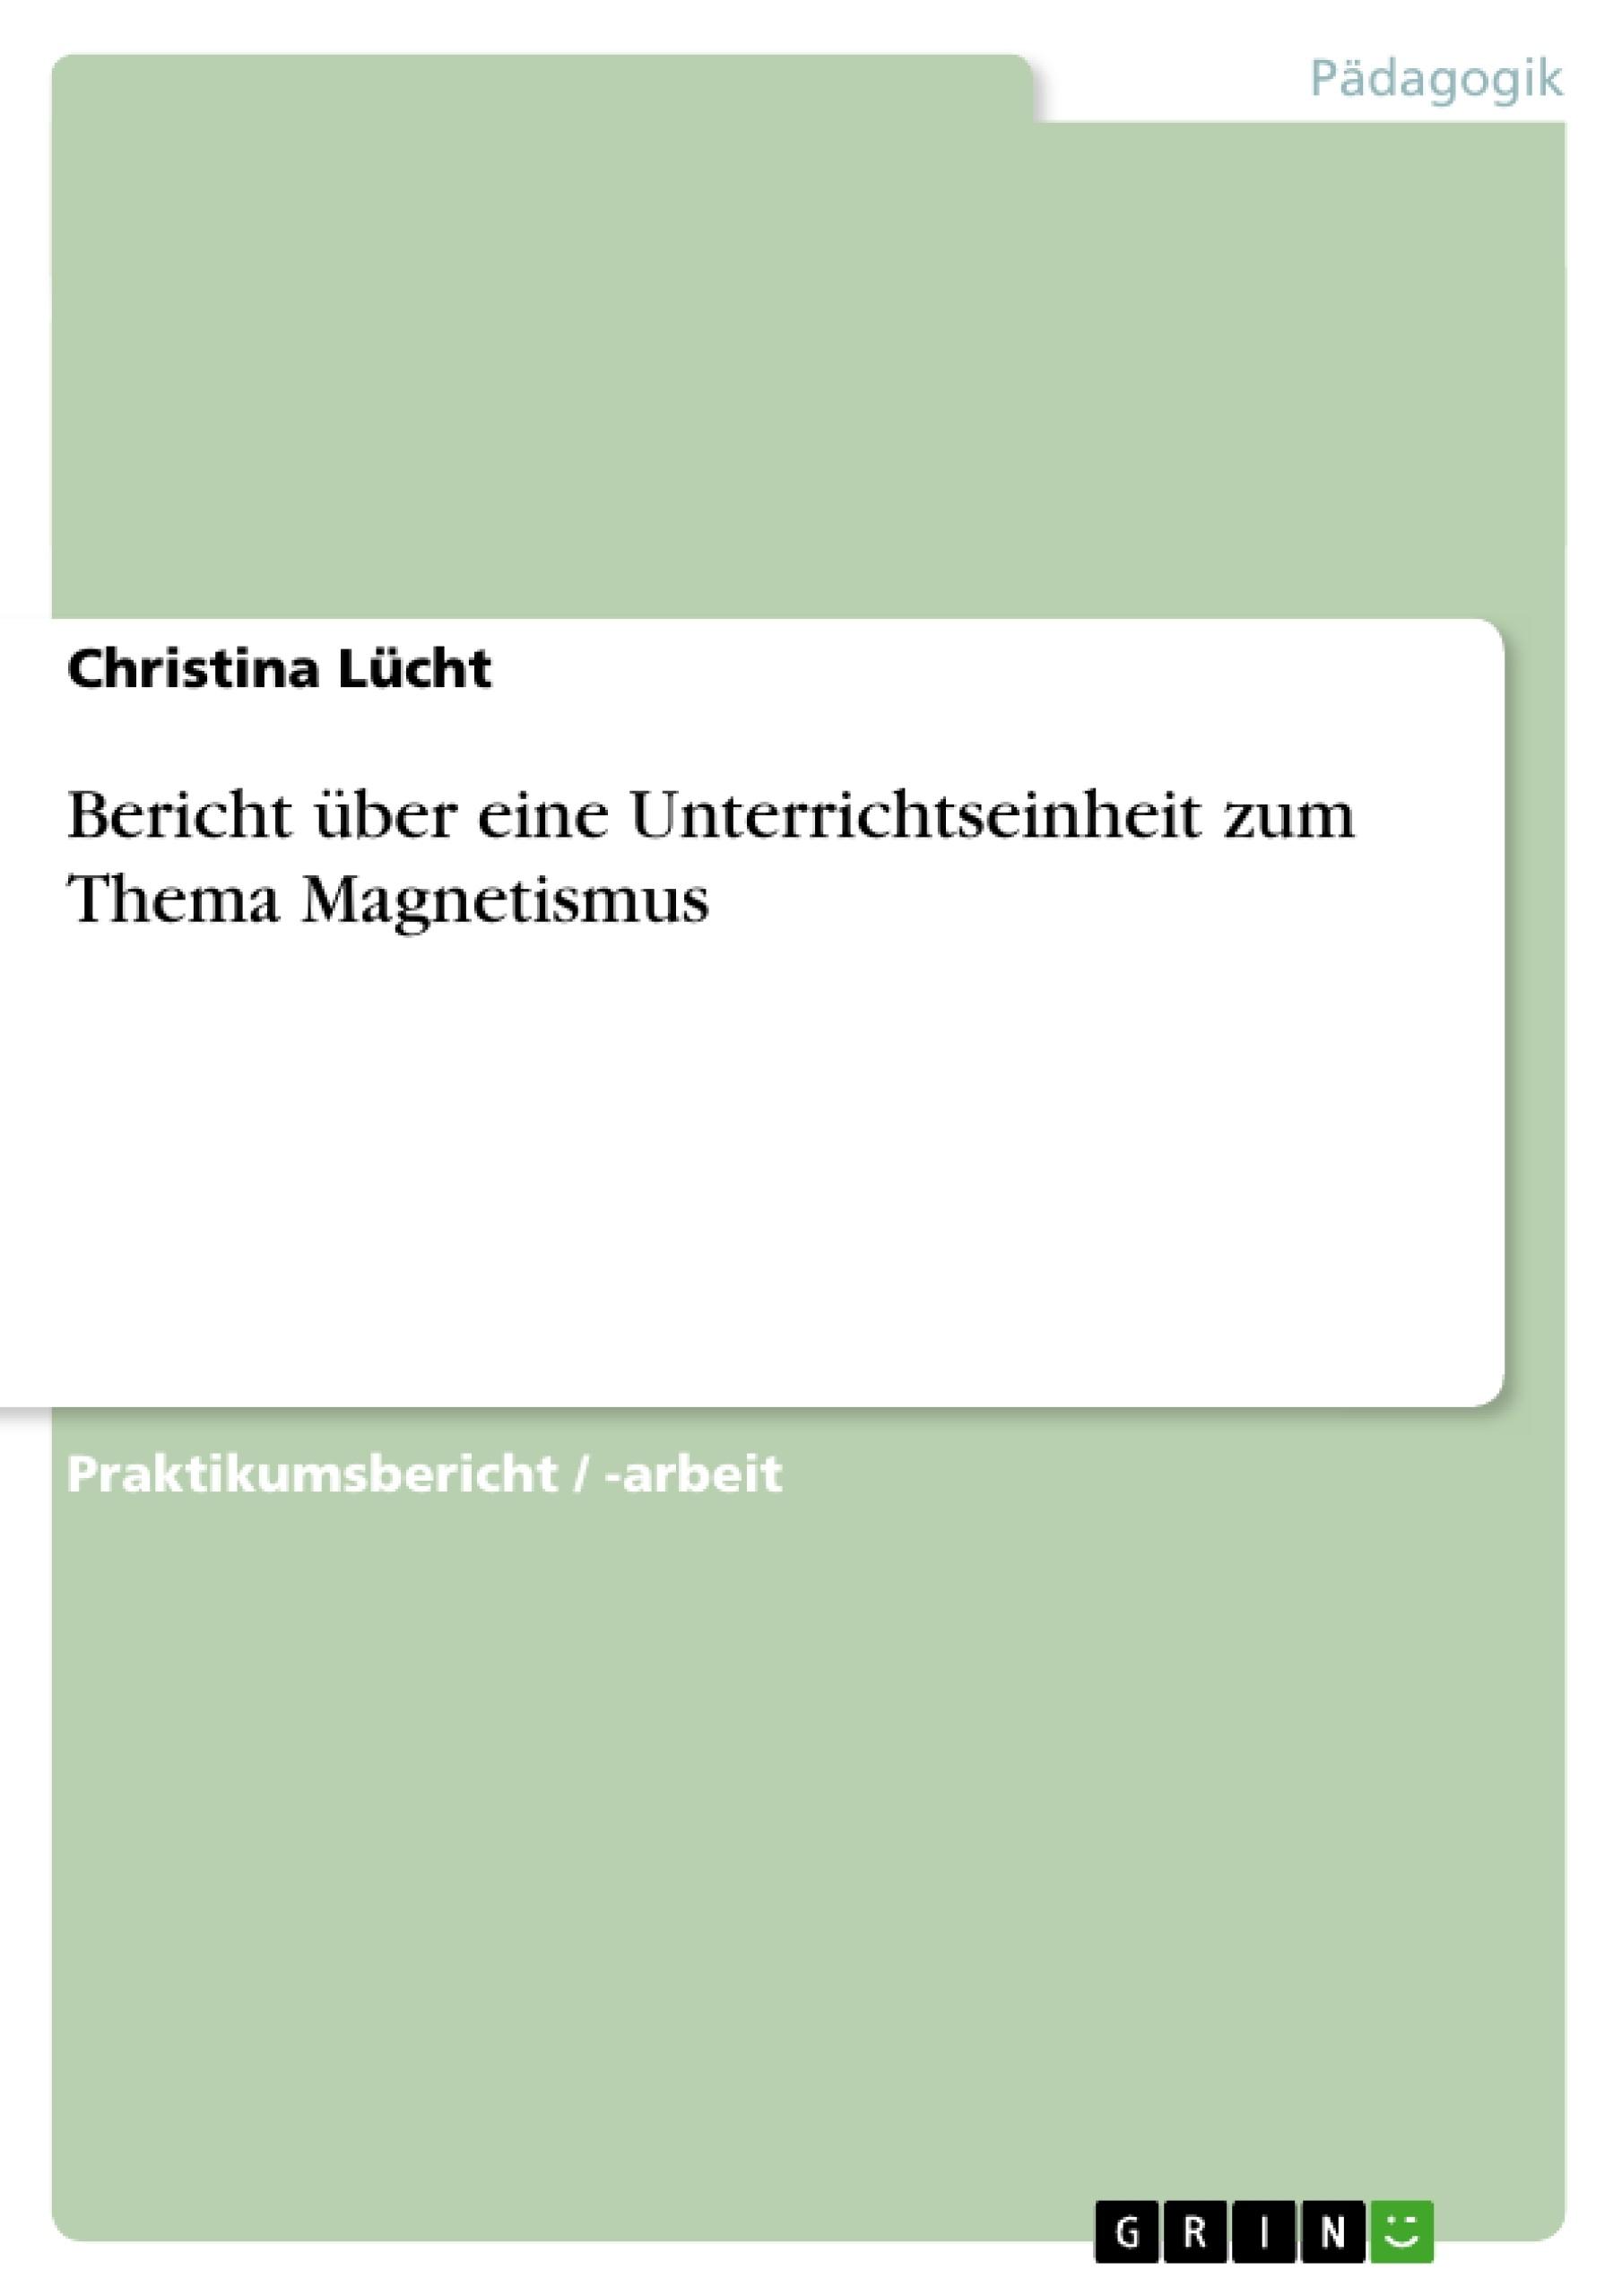 Titel: Bericht über eine Unterrichtseinheit zum Thema Magnetismus